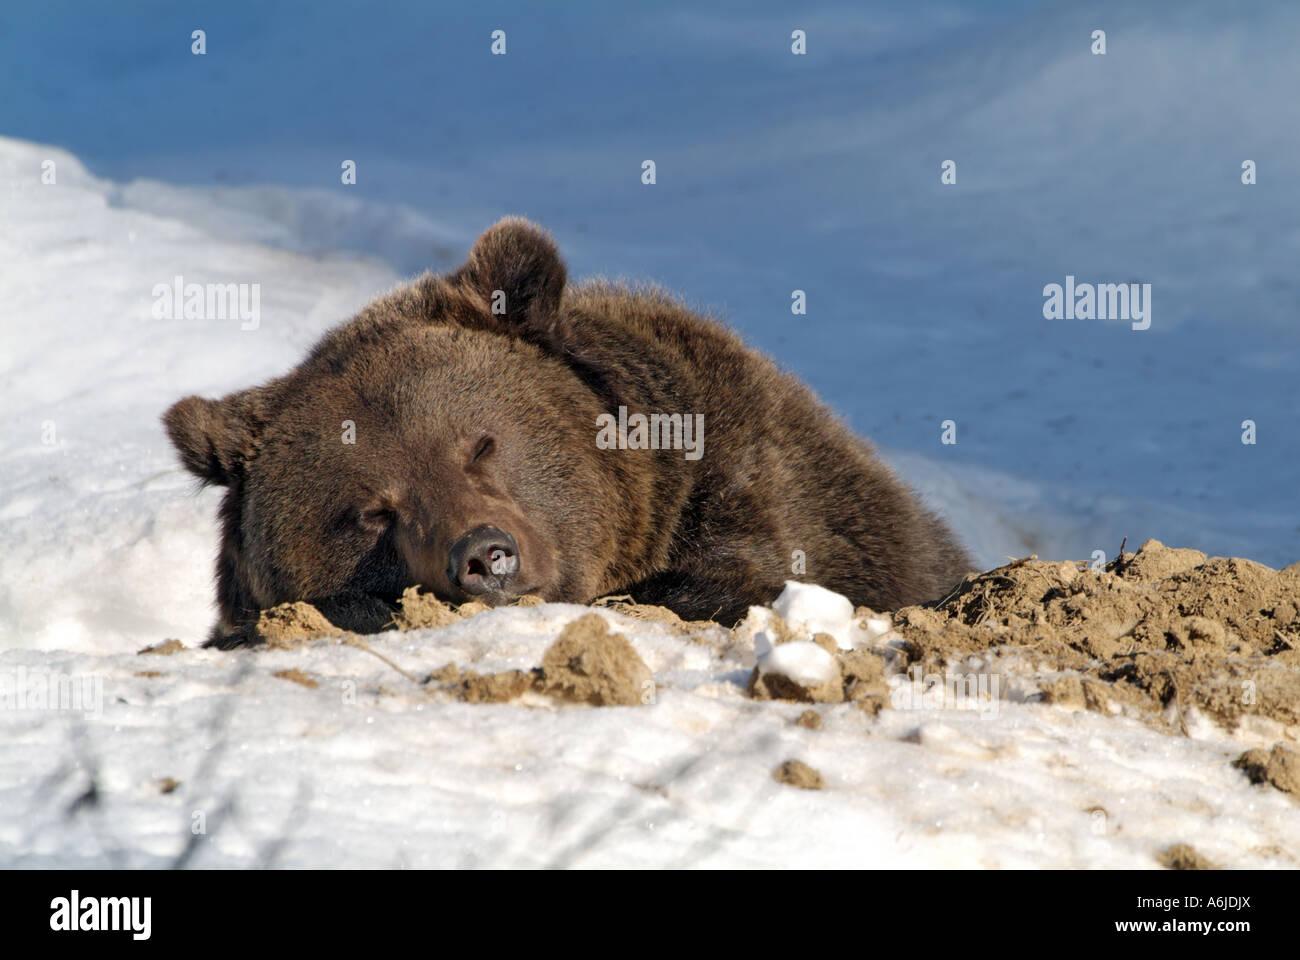 Bear Sleep Winter Imágenes De Stock & Bear Sleep Winter Fotos De ...